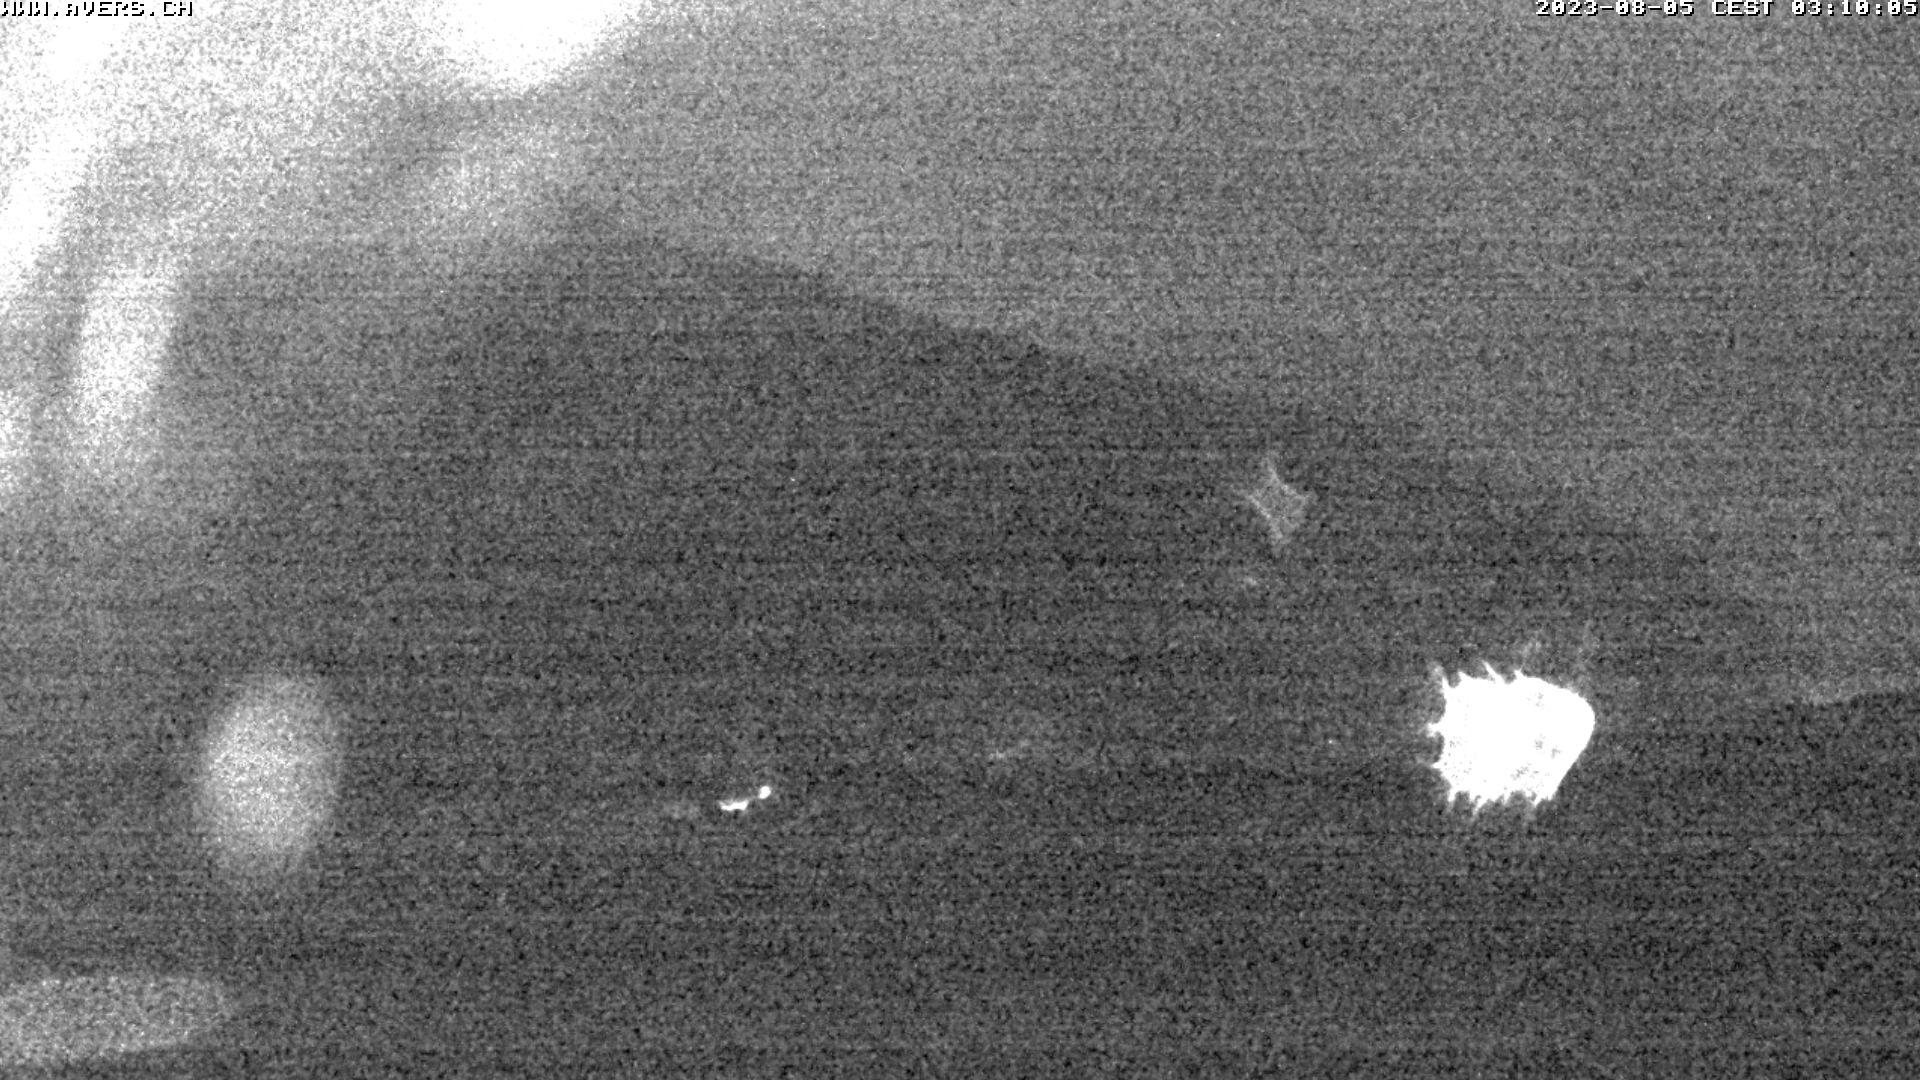 Grossansicht 03h - Avers Skilift Cavetta mit Sicht in die Bregalga.